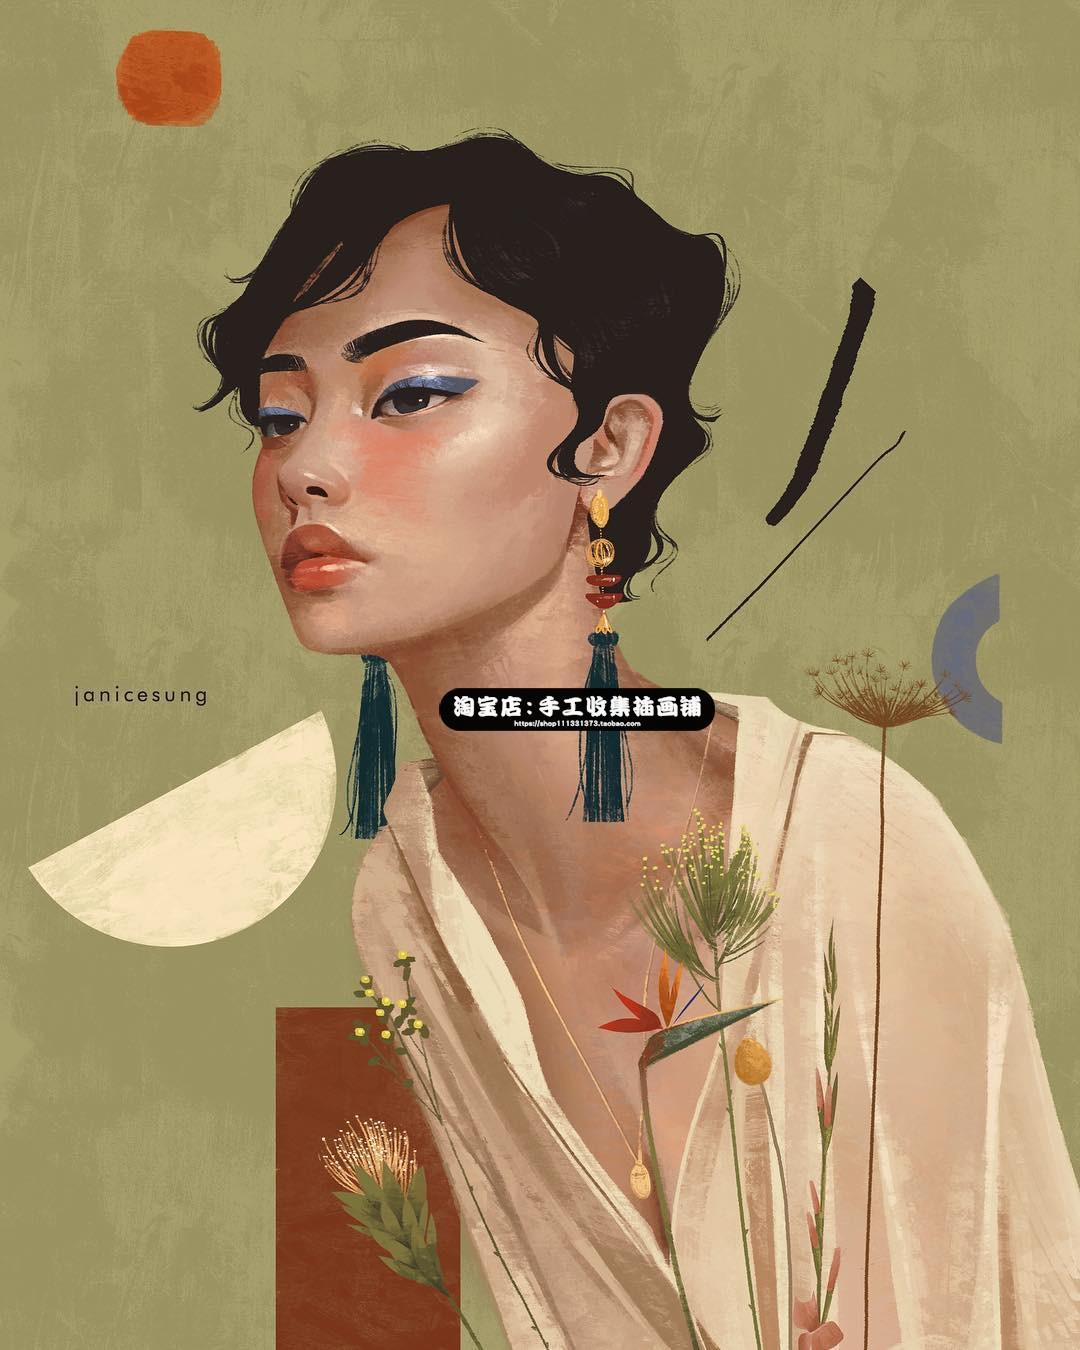 欧美风手绘女生人物插画参考五官人体厚涂风格临摹手绘画集